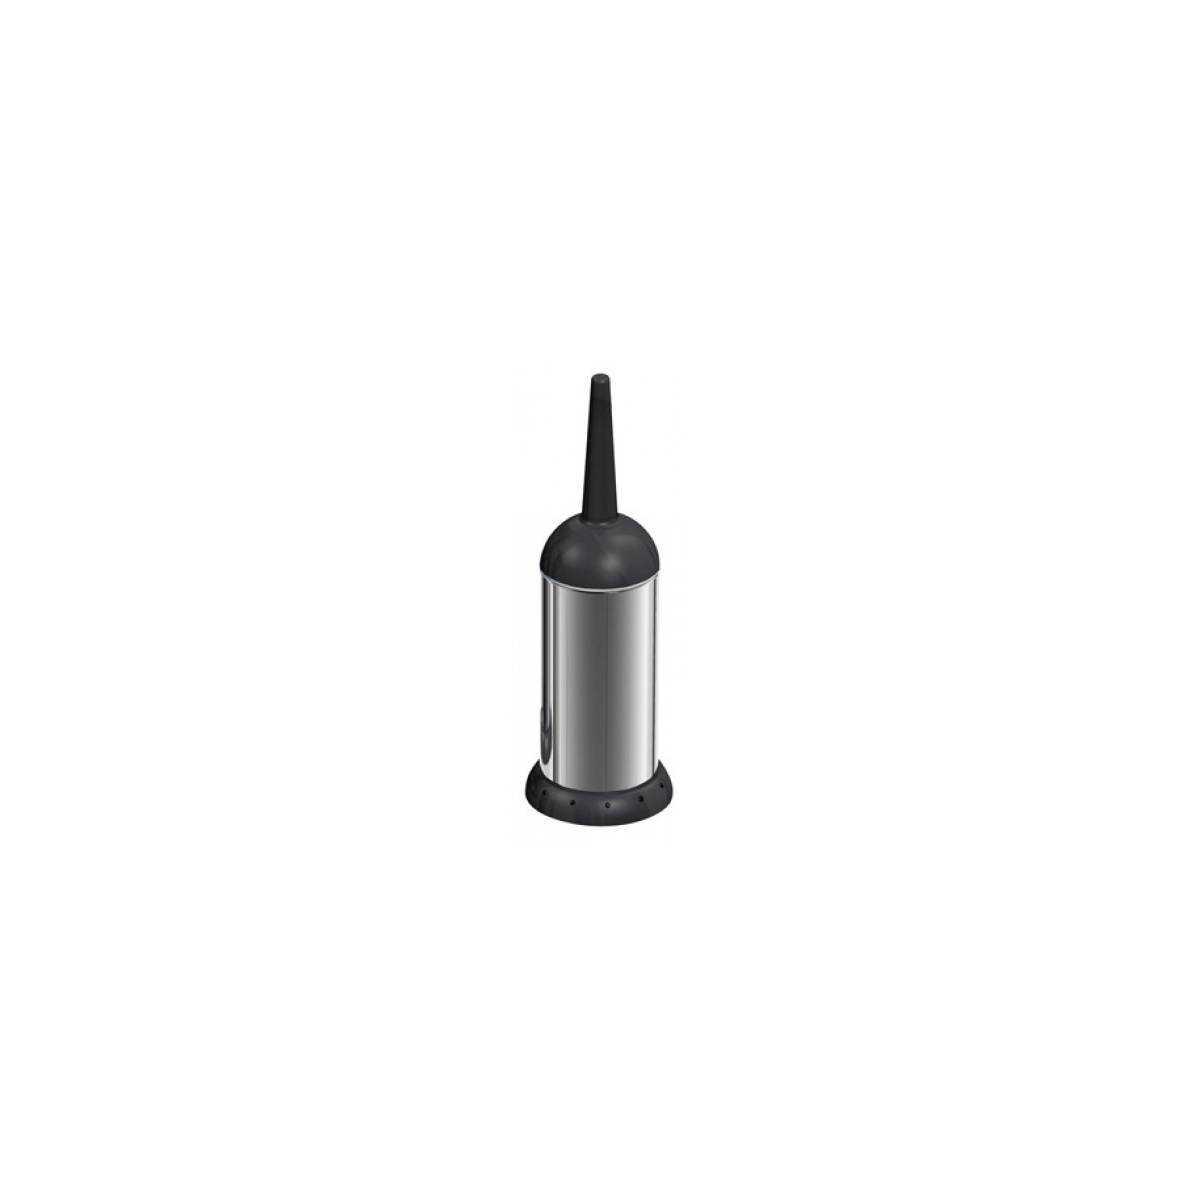 Щетка для унитаза напольная (S-350C) S-350C Meliconi